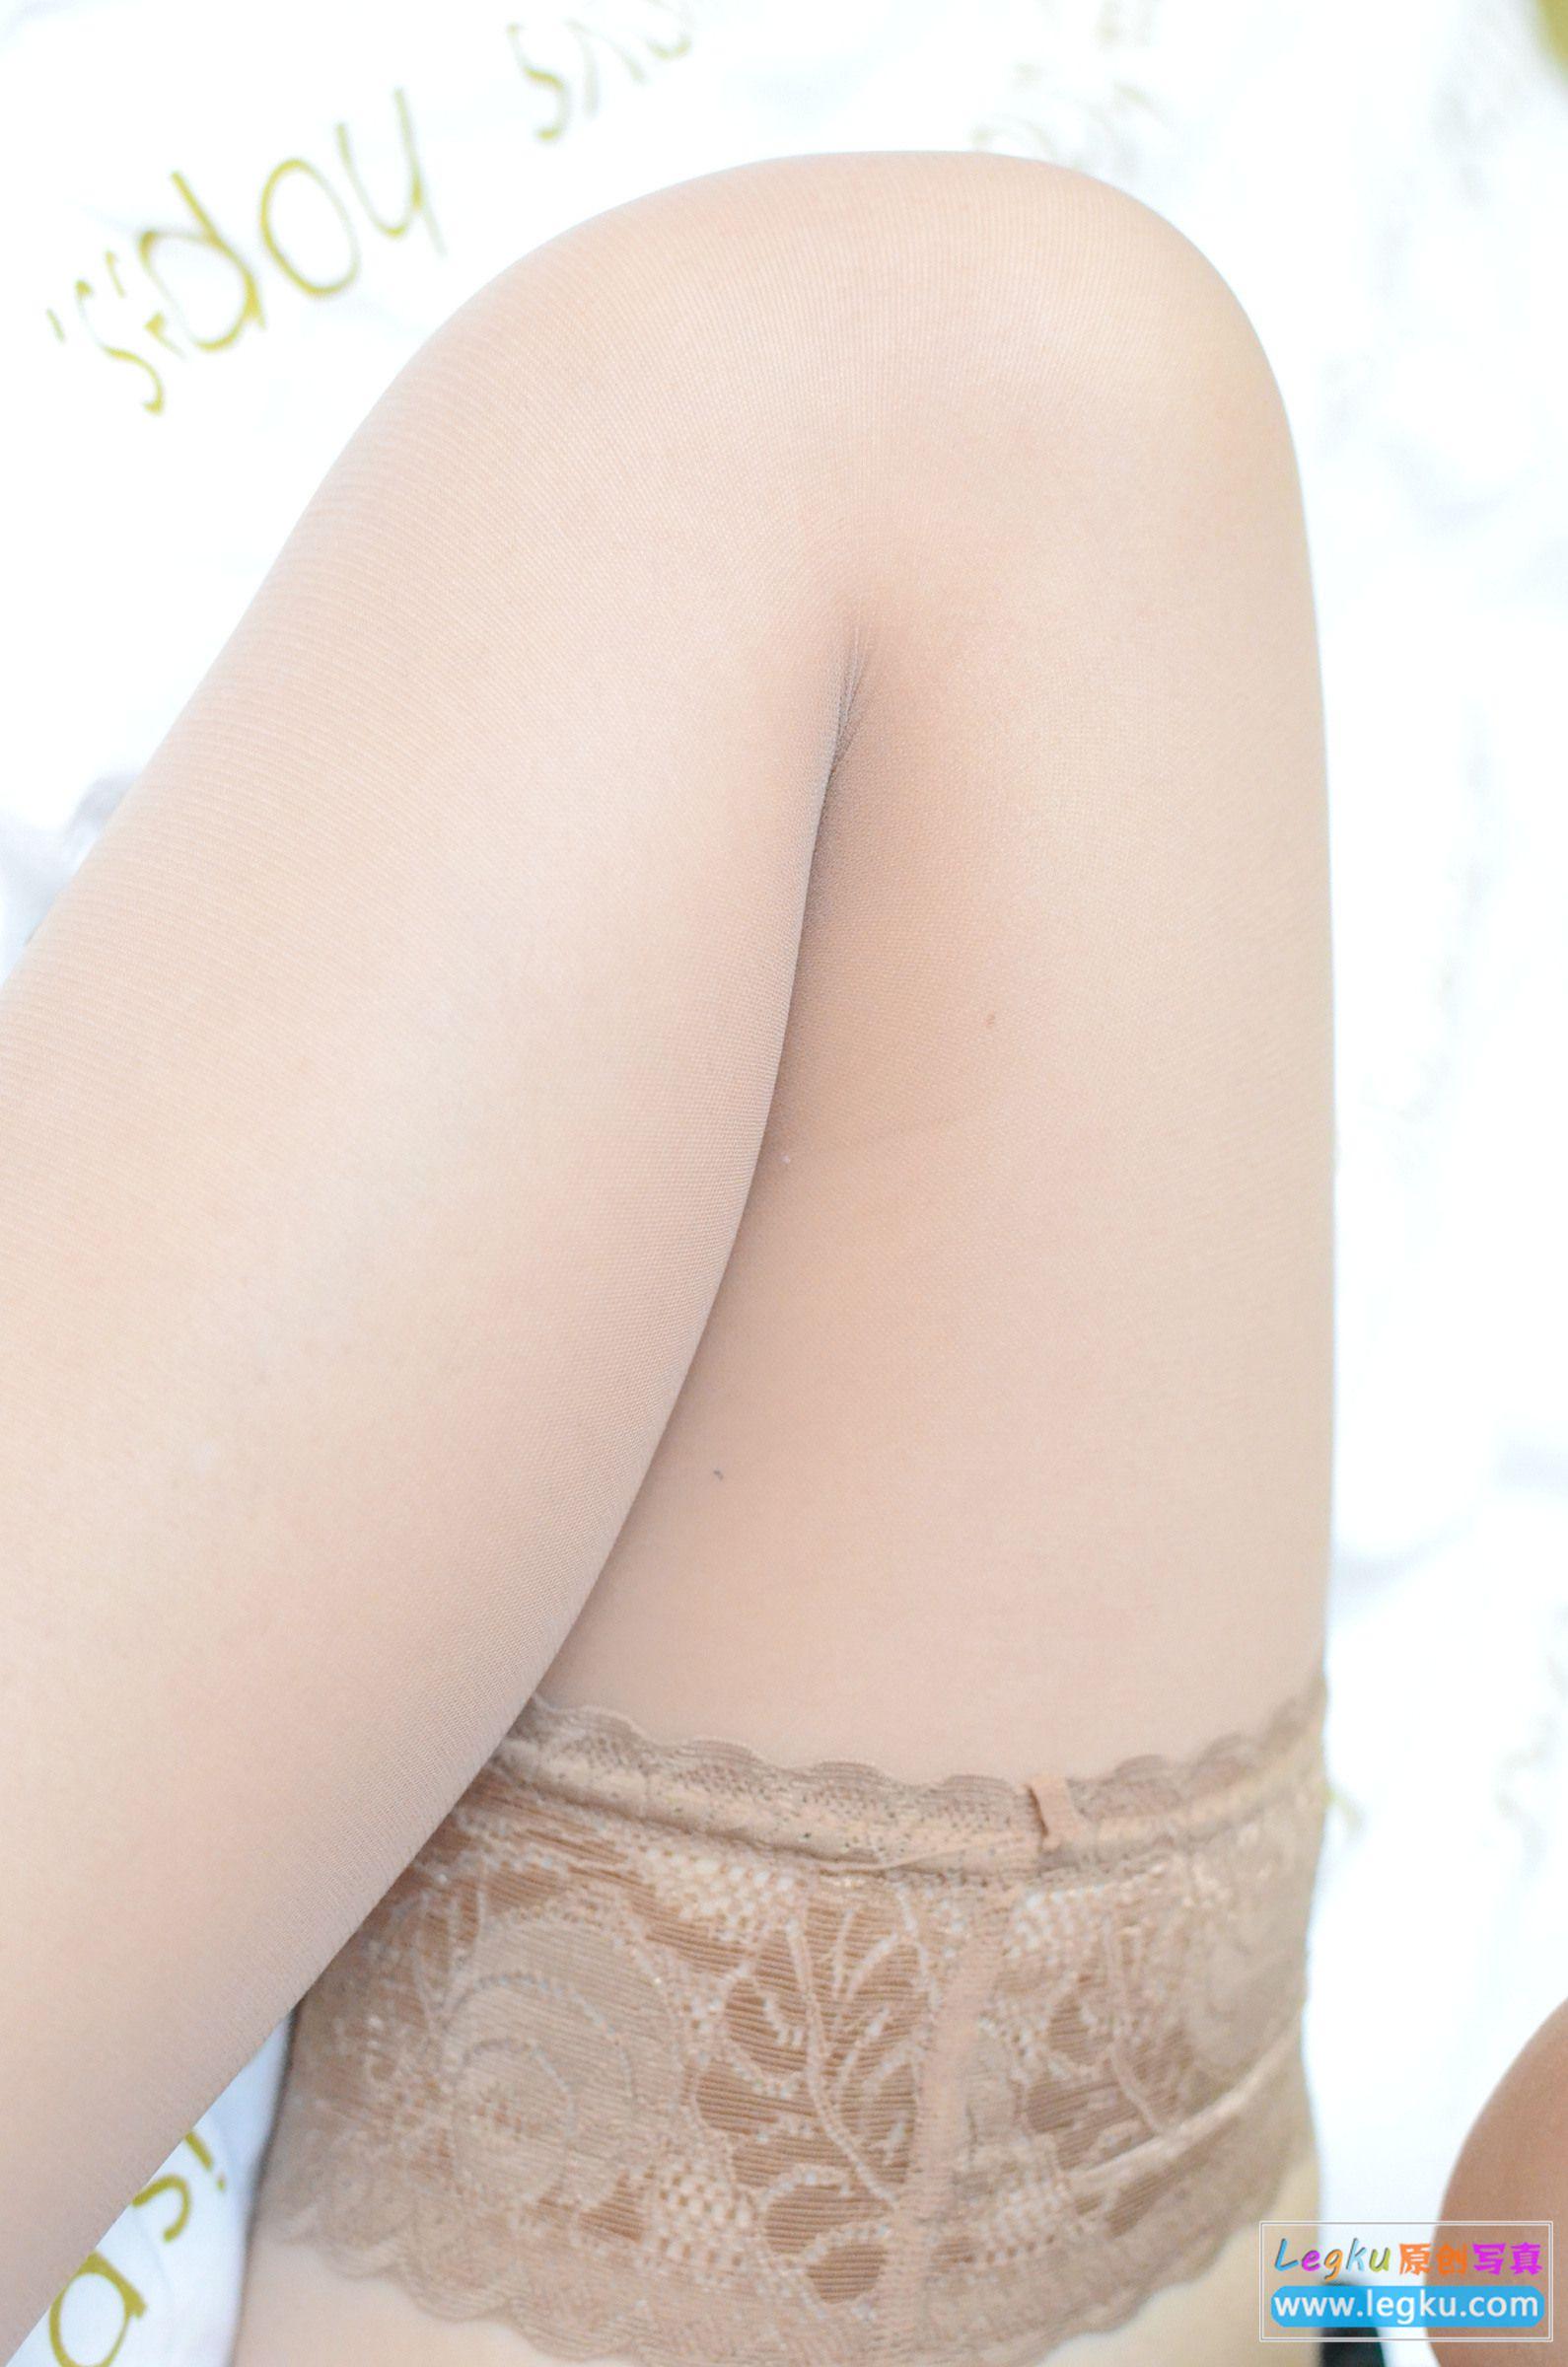 肉丝袜丝足诱惑 写真套图